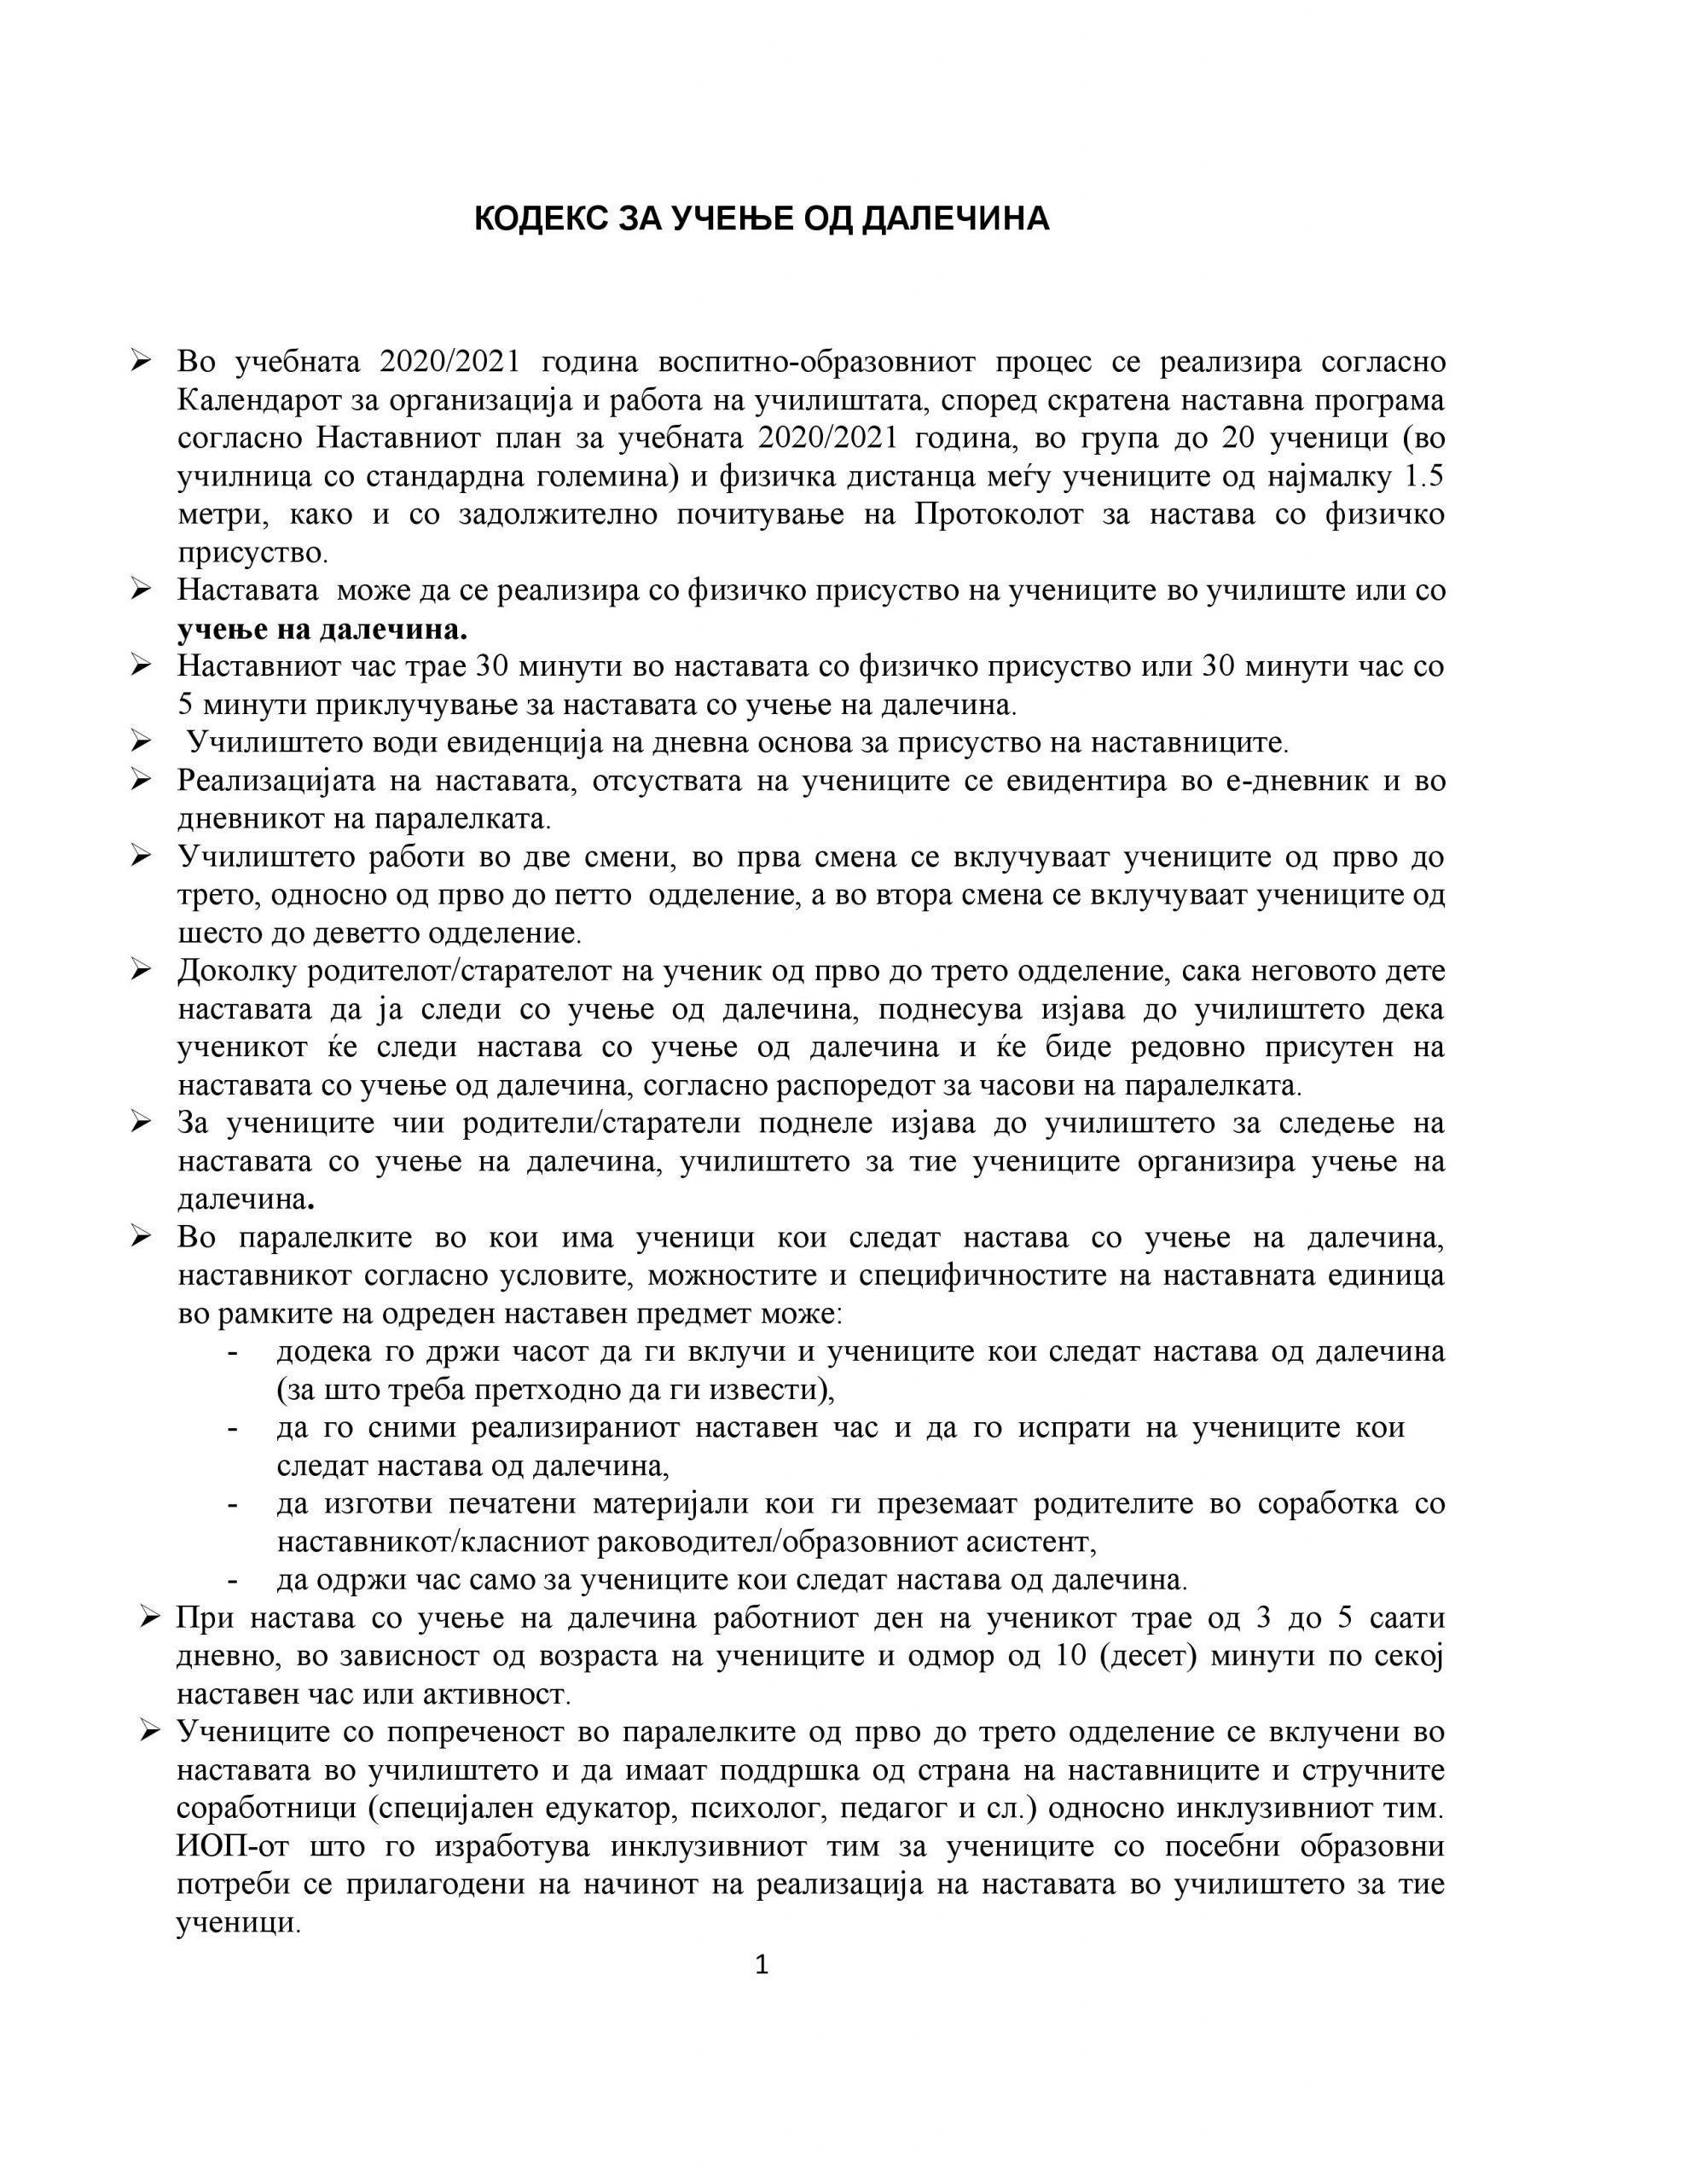 Kodeks_1